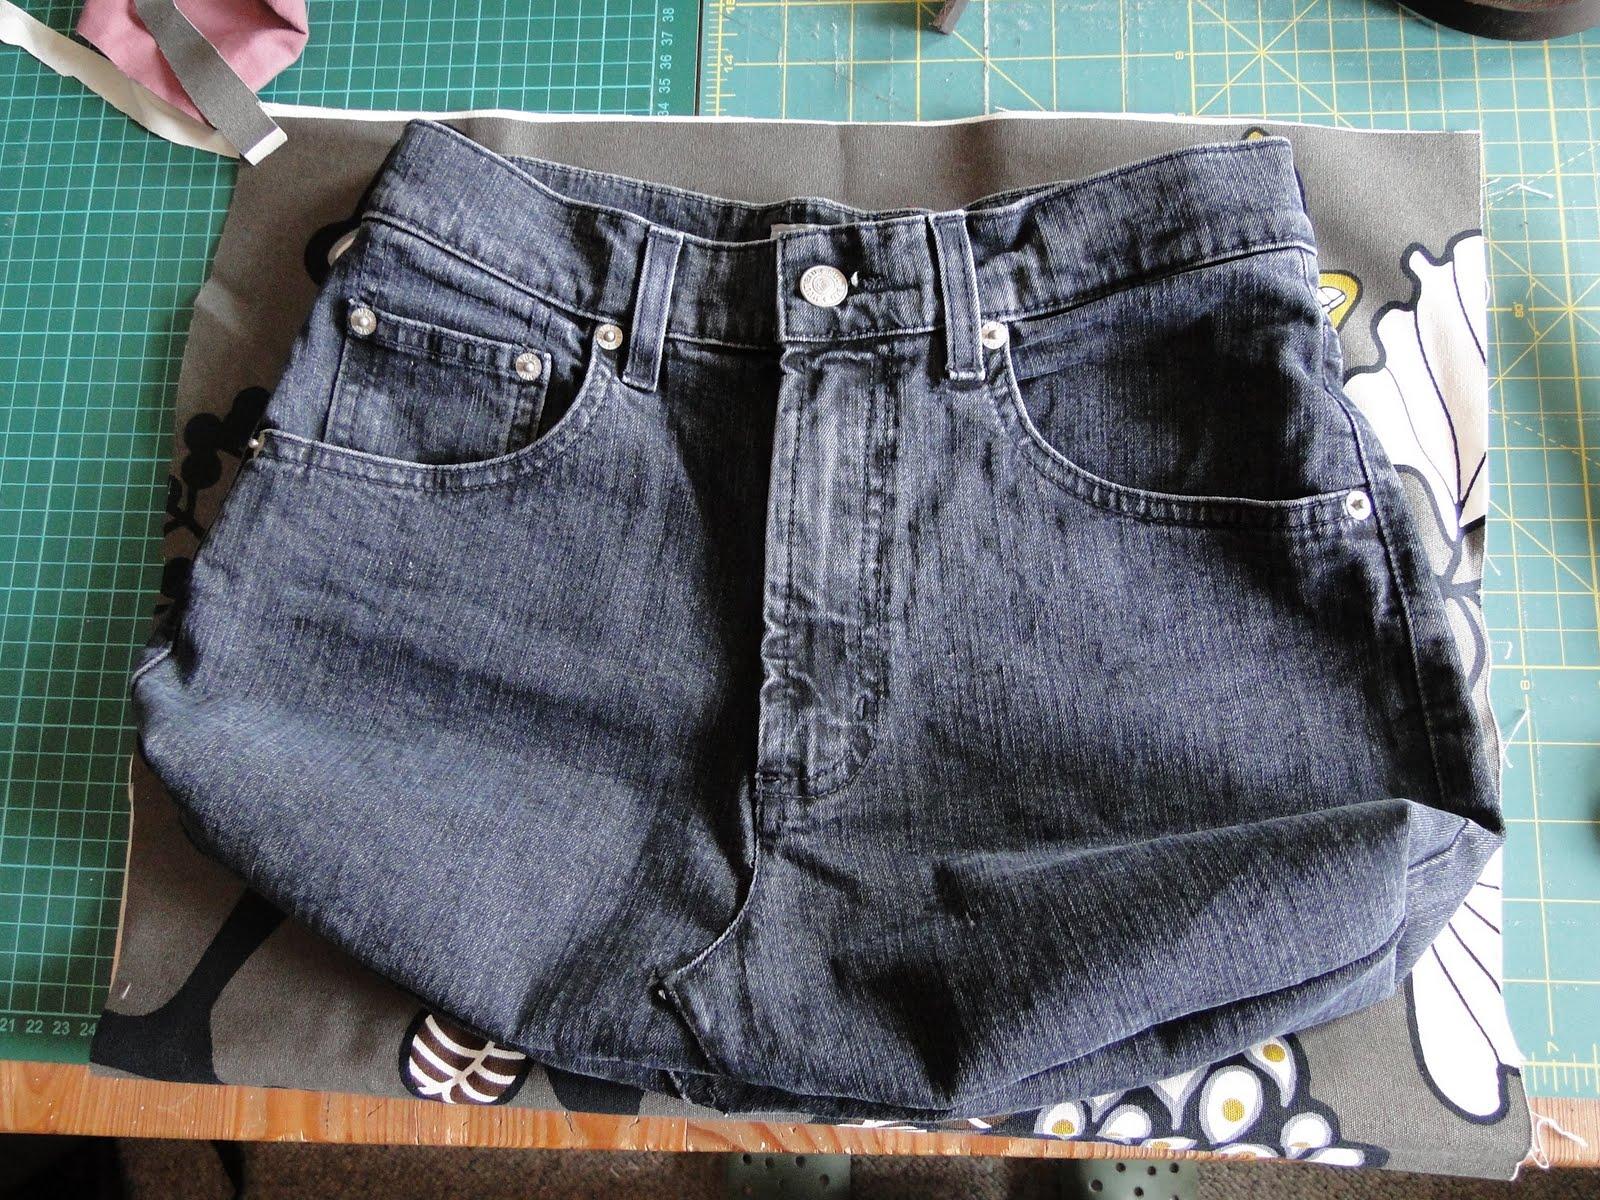 Tinistaschen Tasche Aus Alter Jeans Tutorial